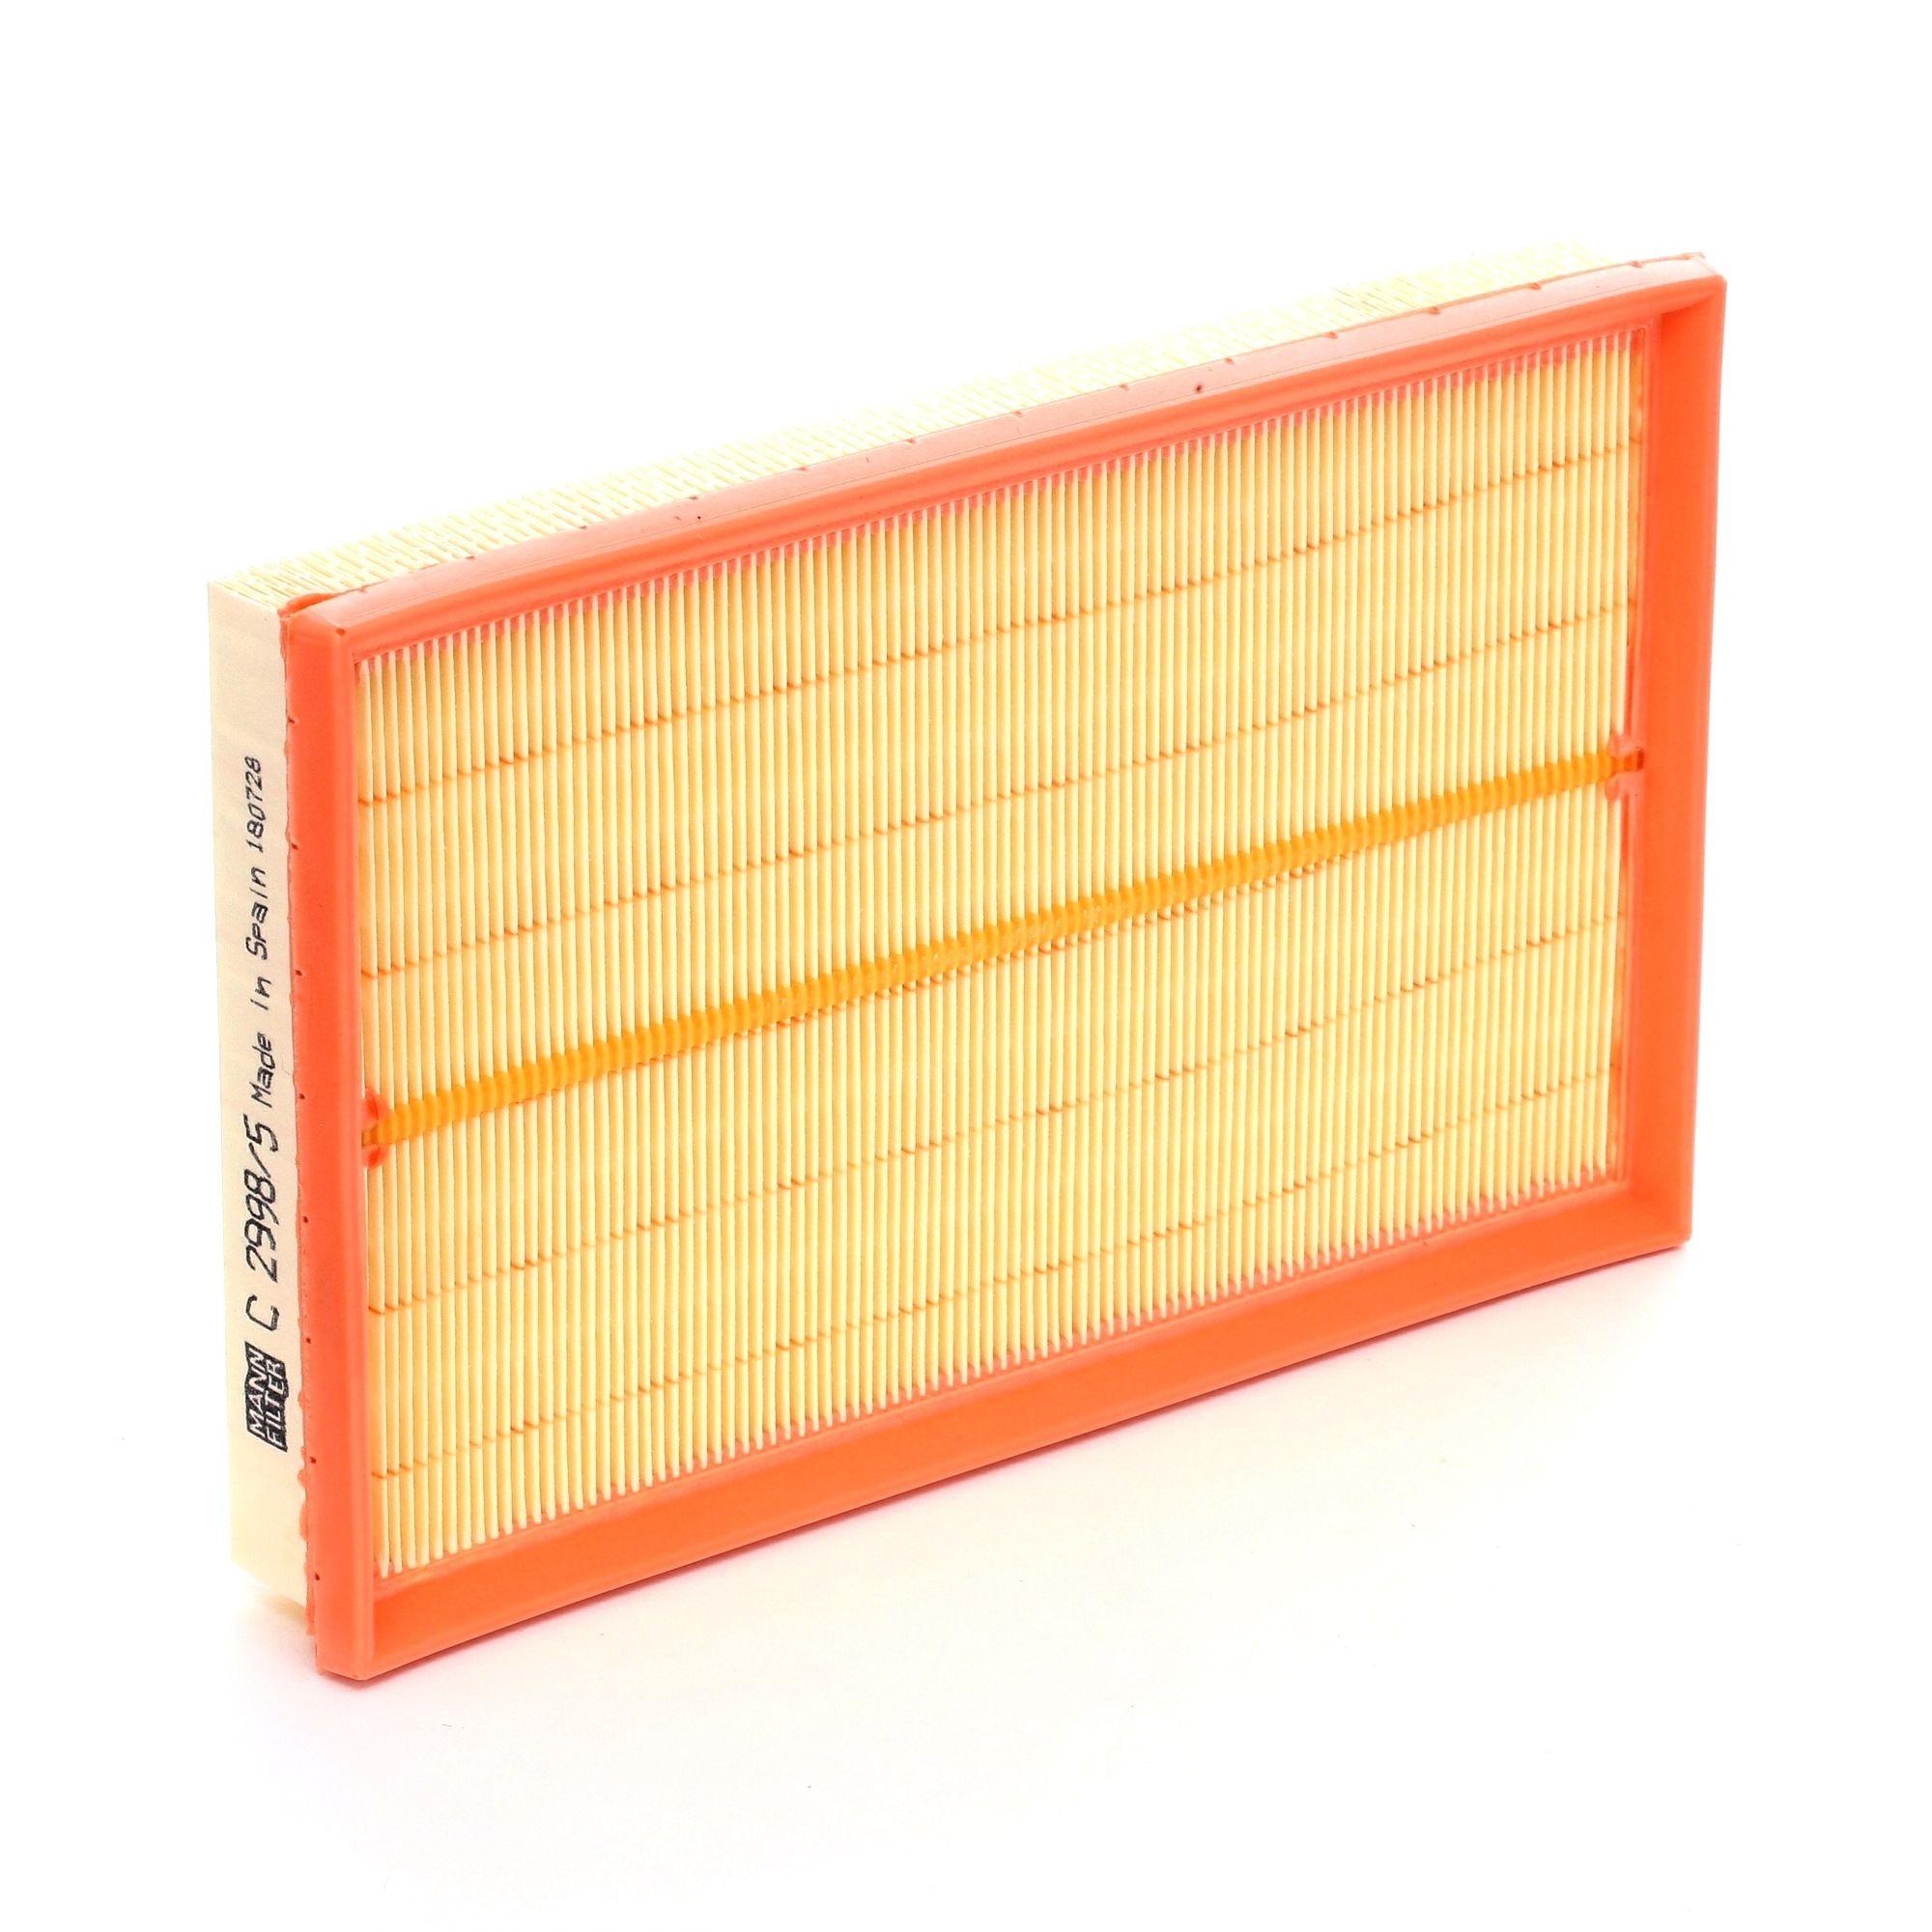 Luftfilter MANN-FILTER C 2998/5 x Bewertung